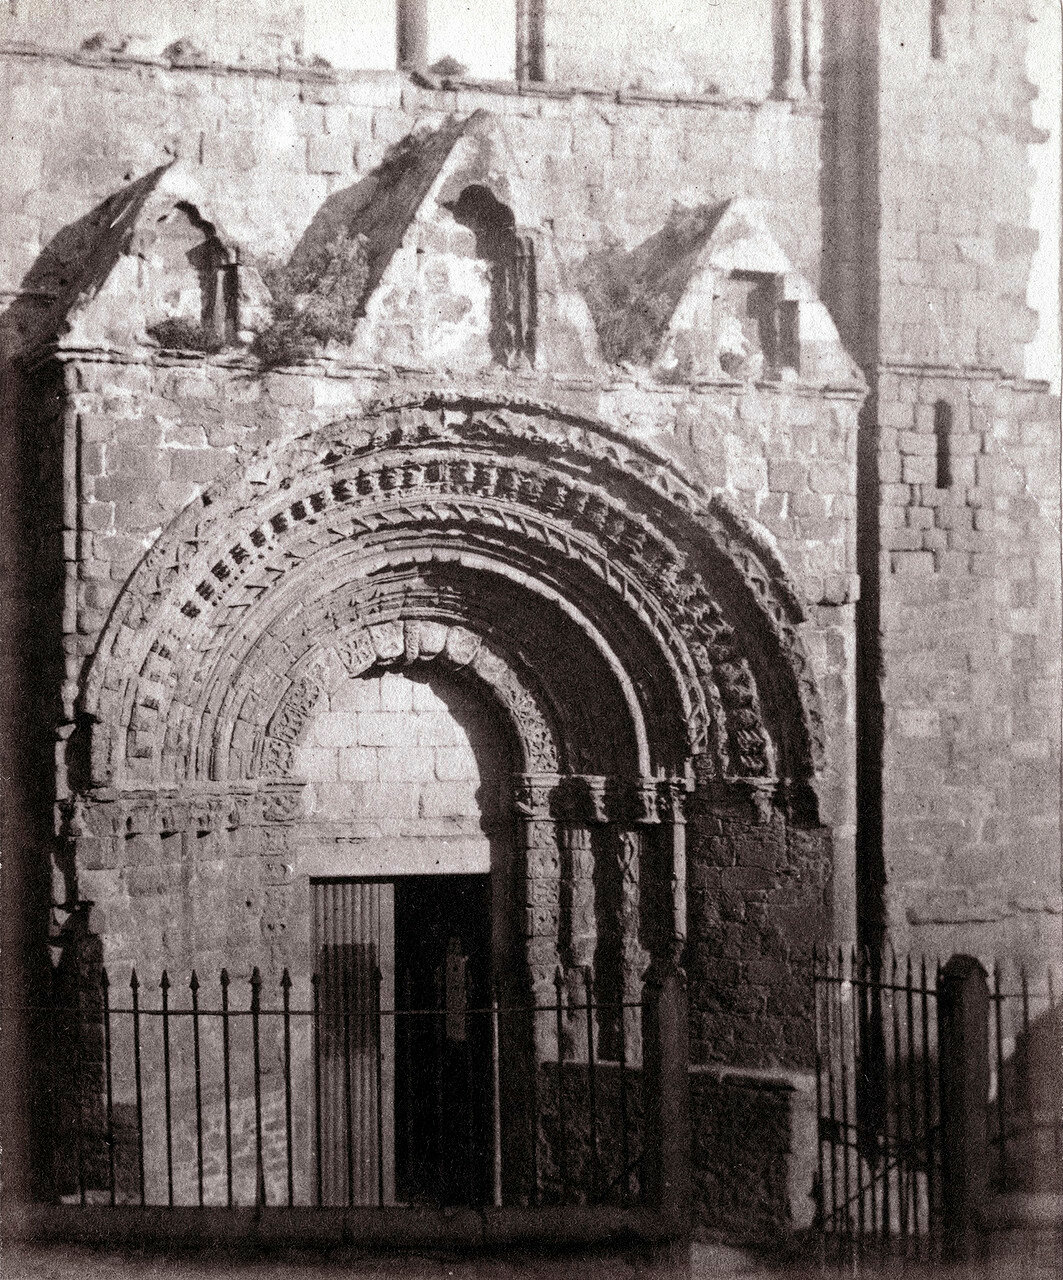 Аббатство Джедберг, западные врата. Великобритания,1864